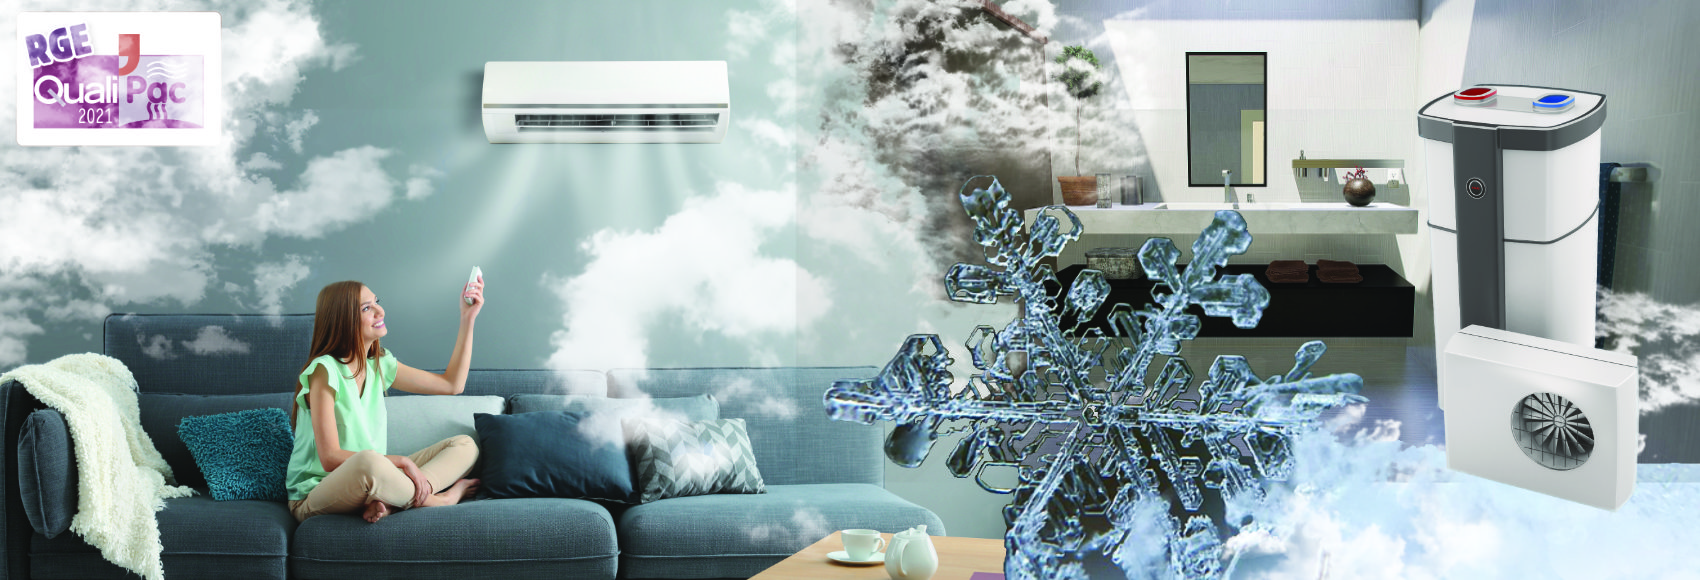 Provence Énergie 13 est le spécialiste de la pose de climatisation et de pompe à chaleur à Marignane